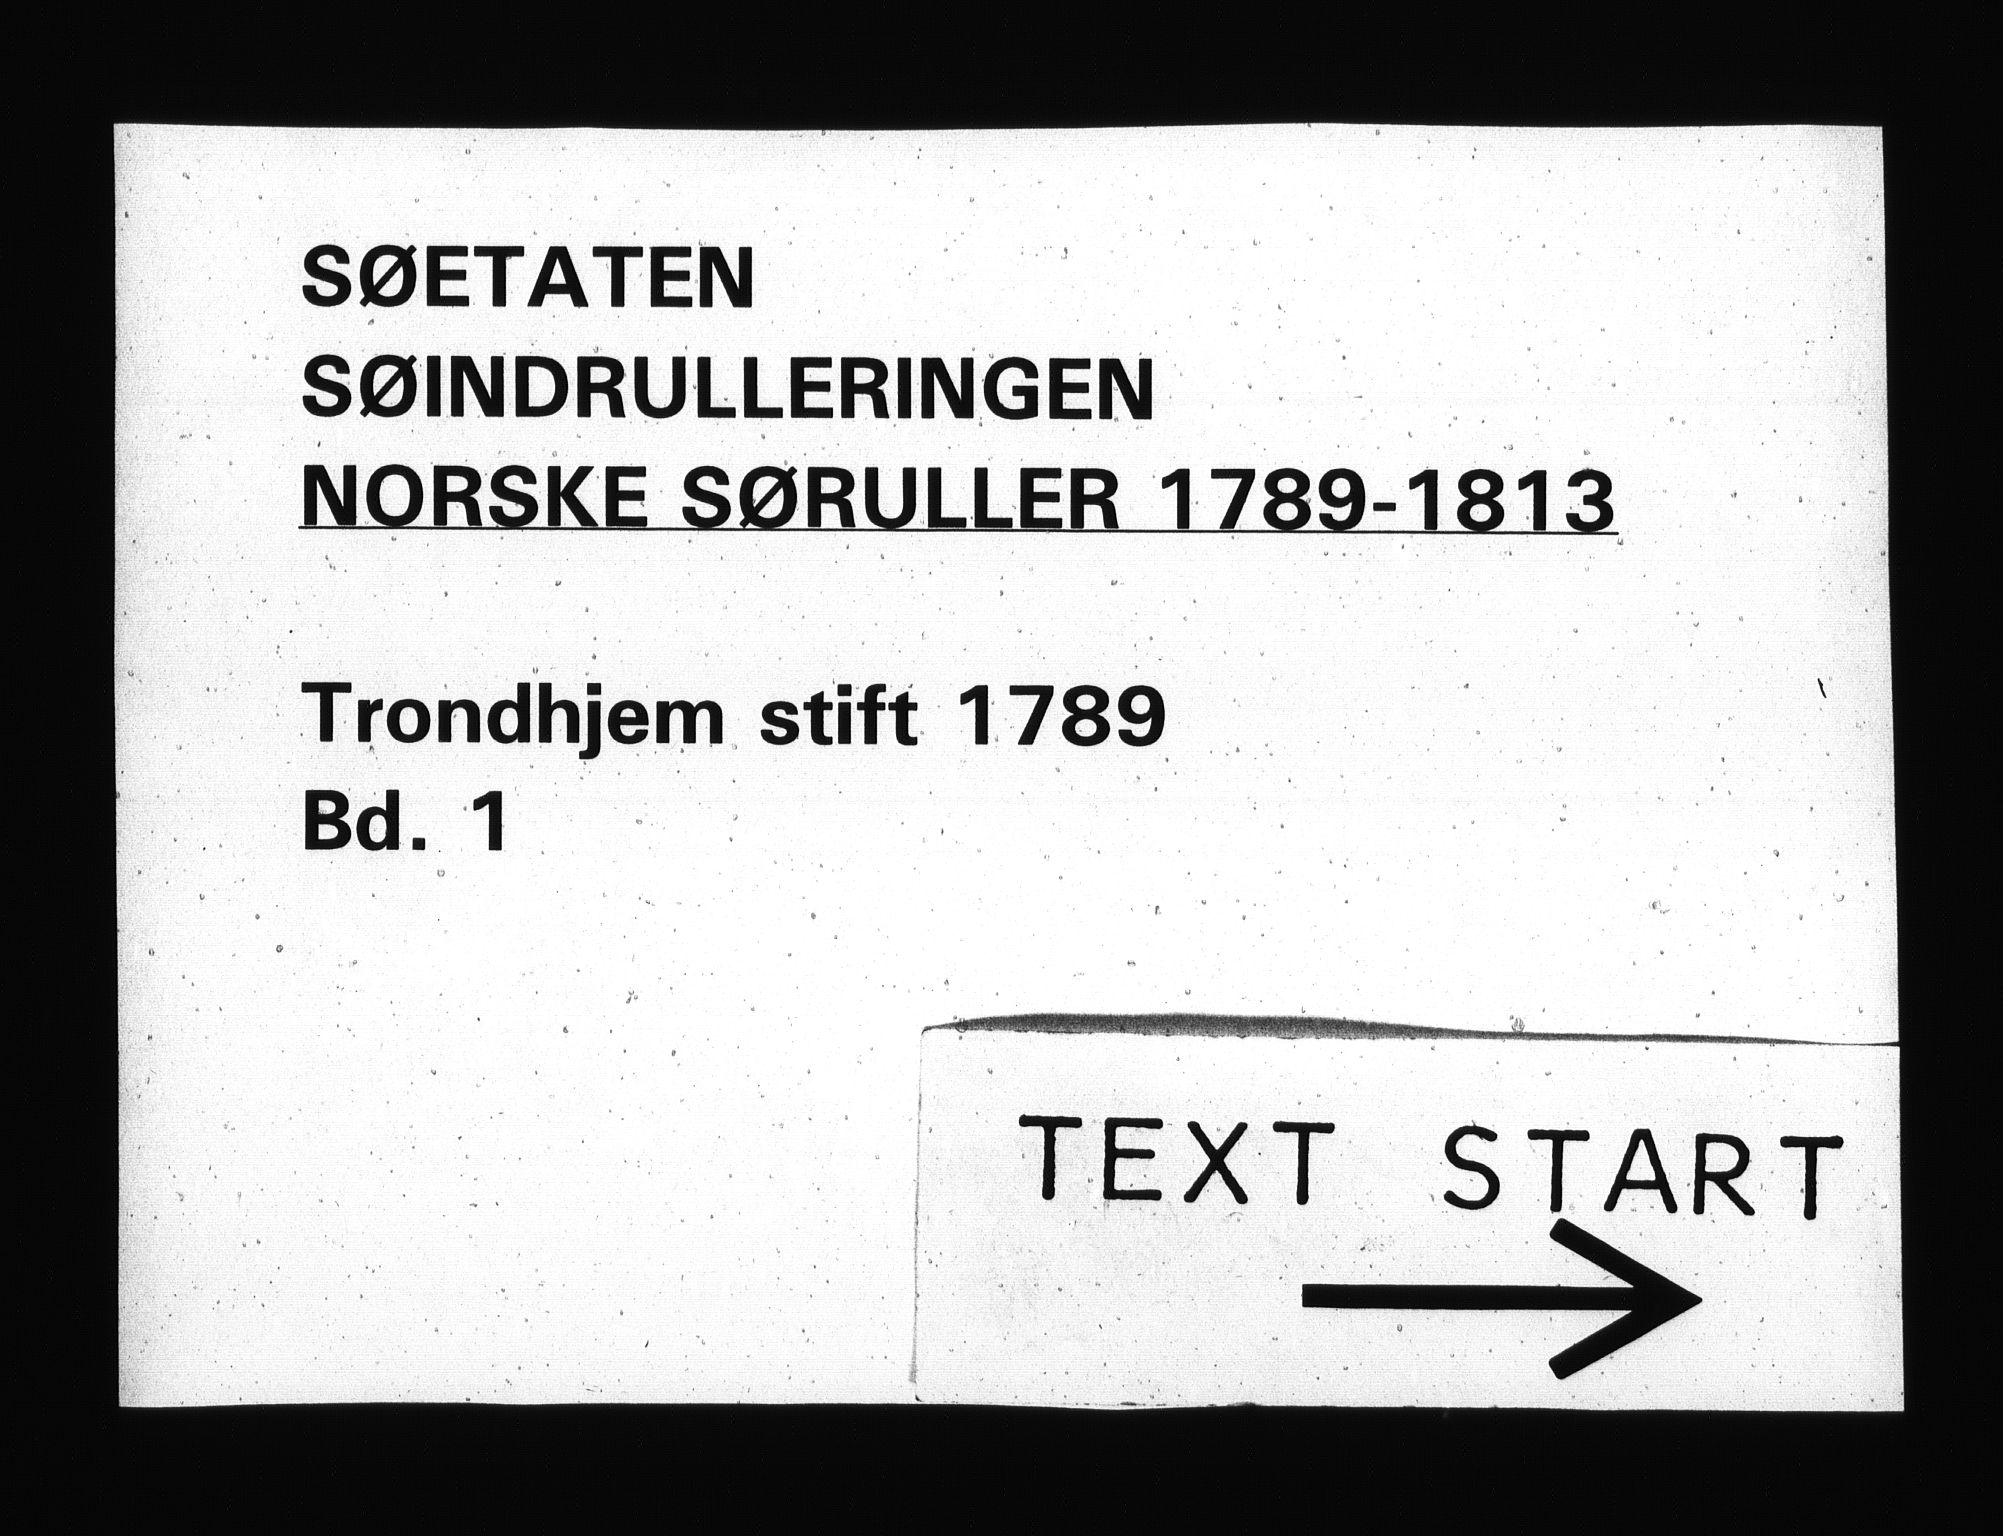 RA, Sjøetaten, F/L0306: Trondheim stift, bind 1, 1789